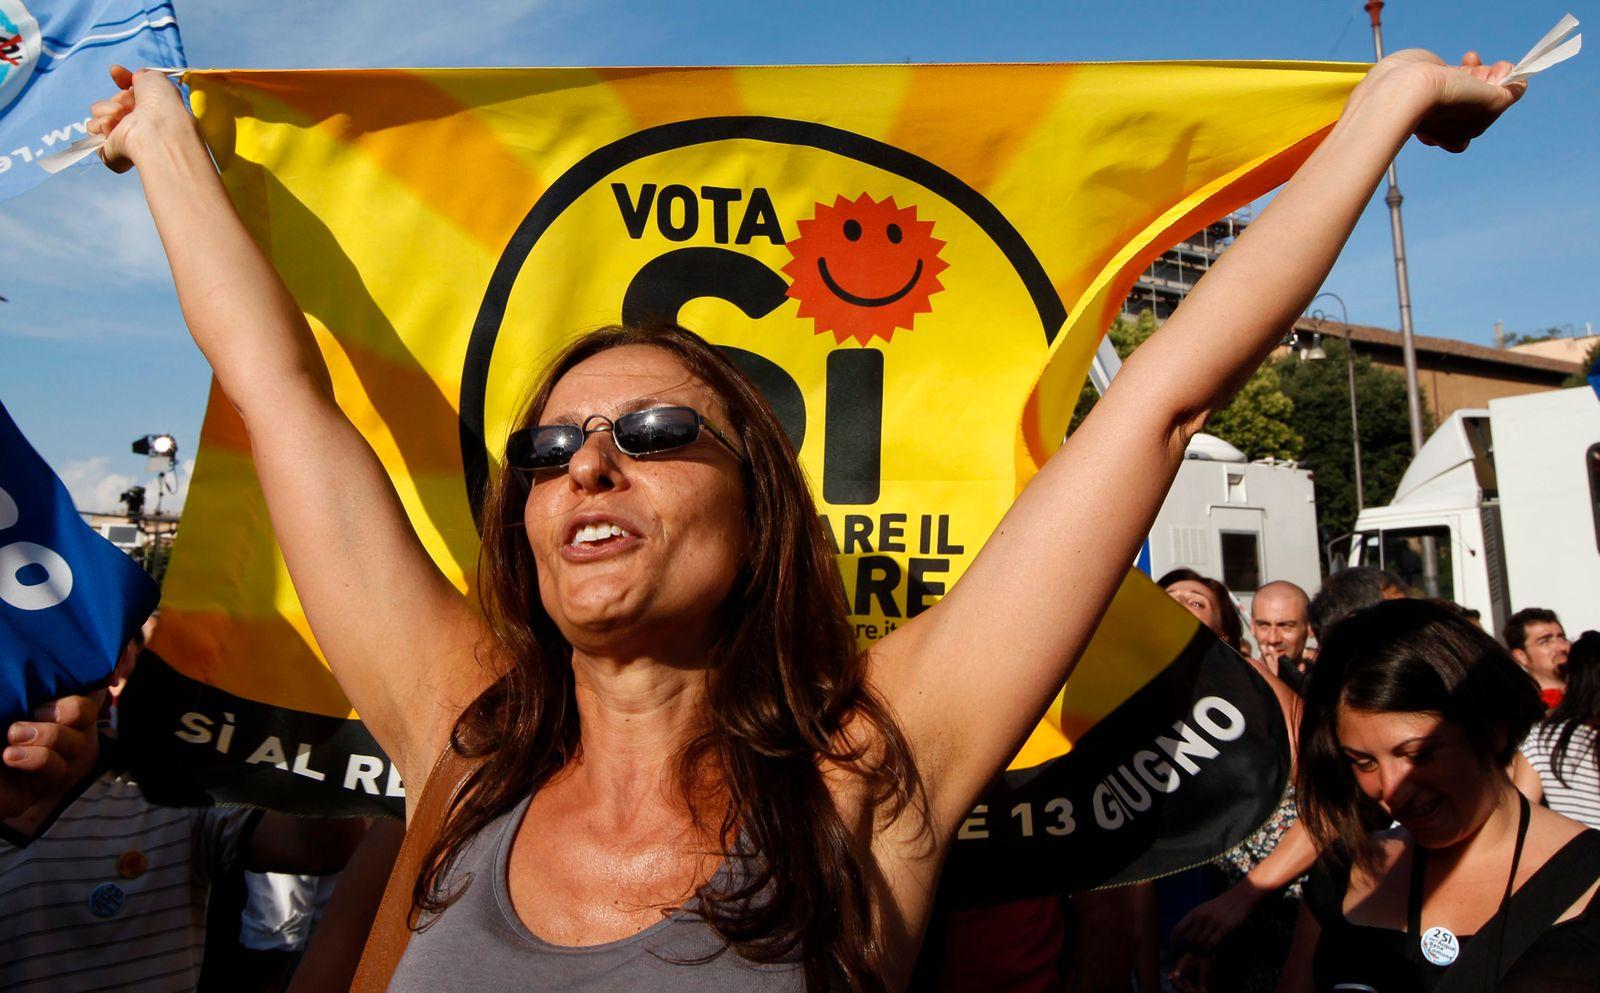 Berlusconi Referendum